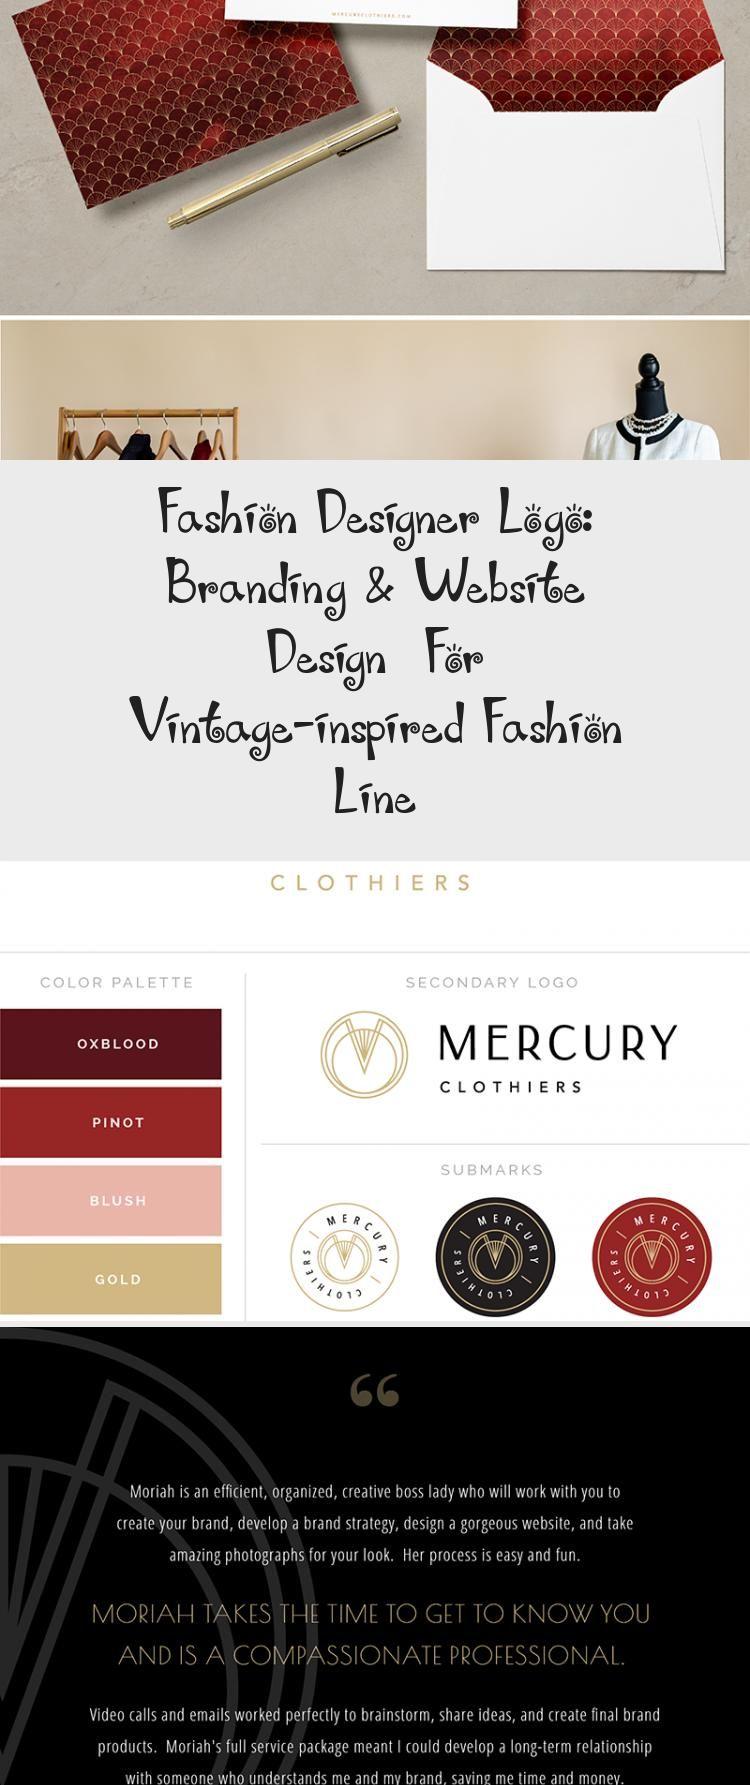 Fashion Designer Logo Branding Website Design For Vintage Inspired Fashion Line In 2020 With Images Simple Logo Design Website Branding Brand Strategy Design